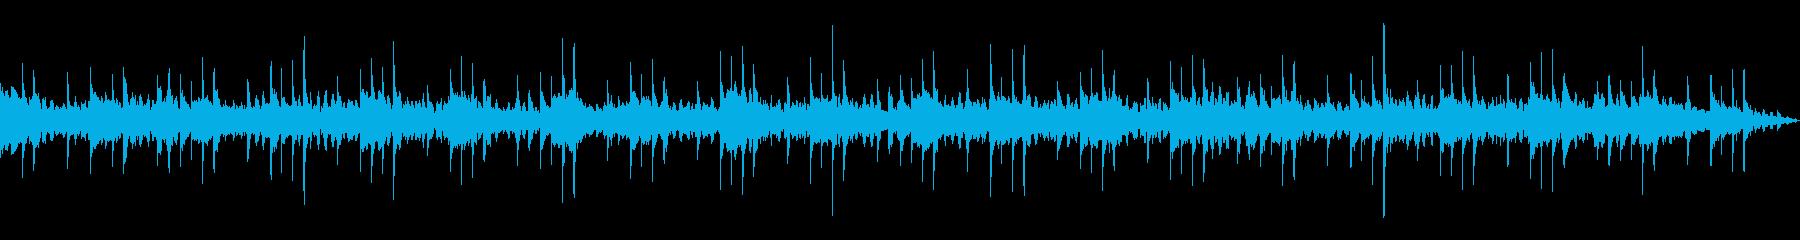 【主張しない背景音楽】穏やか2の再生済みの波形